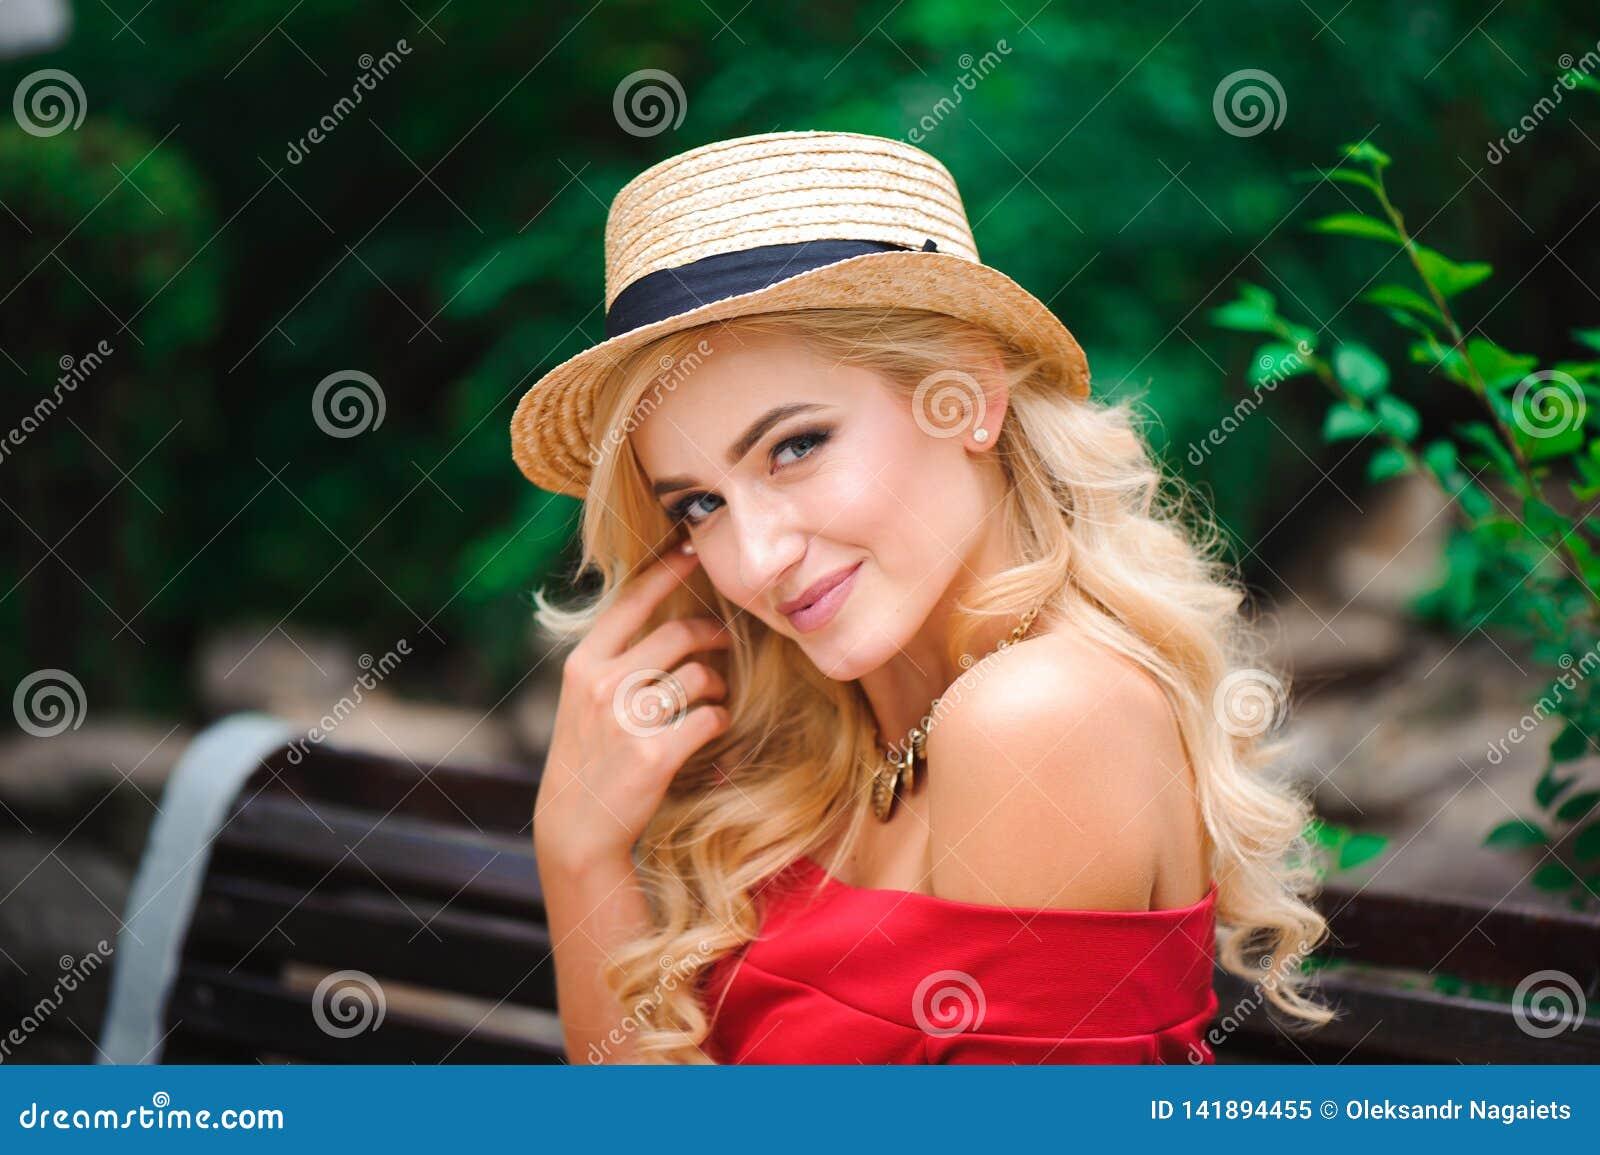 Модная привлекательная белокурая женщина в красном платье сидя на стуле